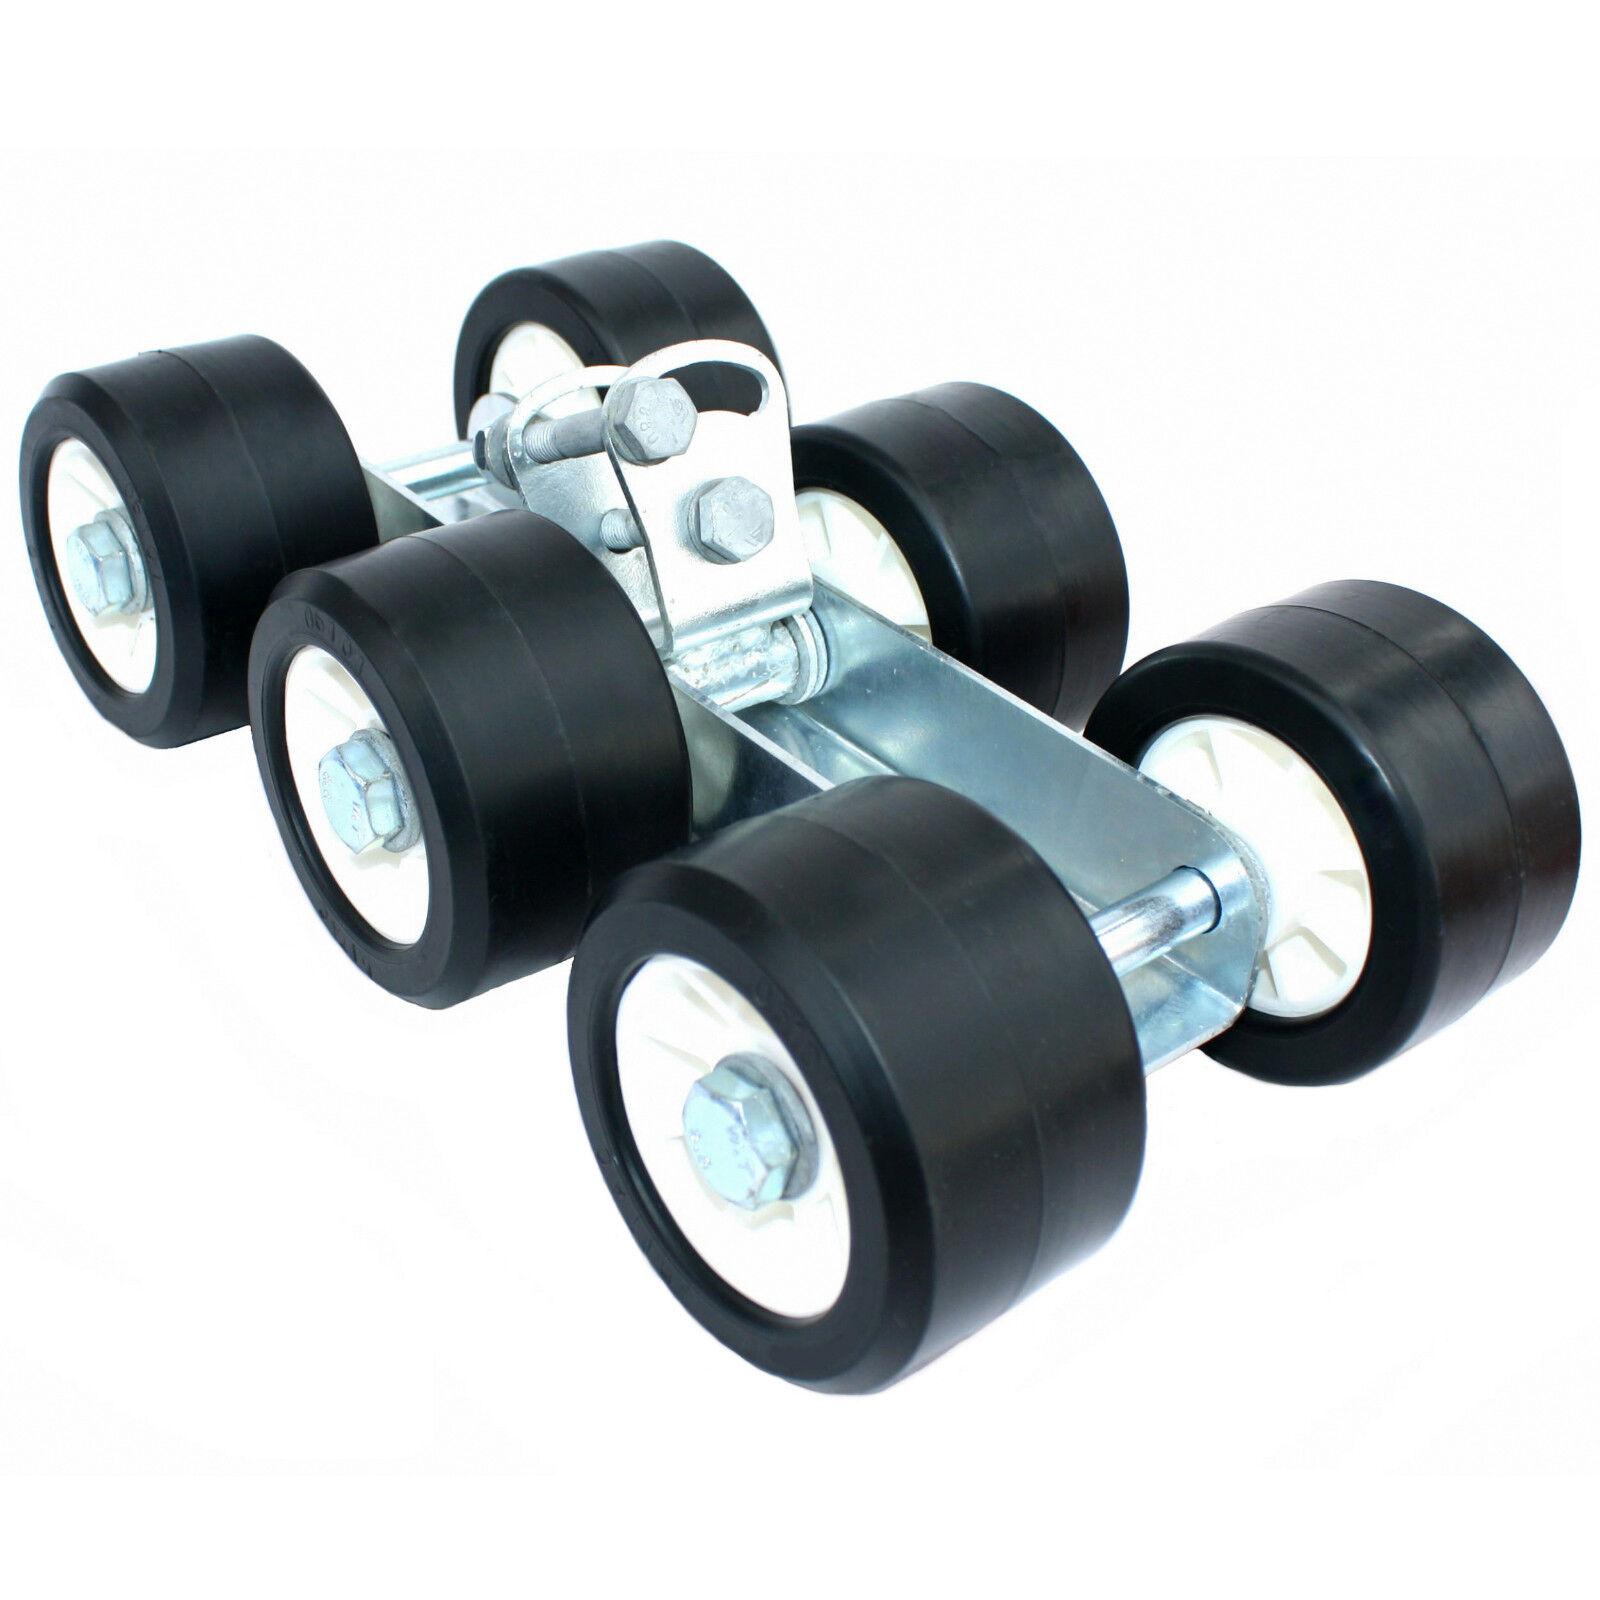 ✘ 6er-Slipwagen schwarz schwarz schwarz Aufnahme 30 40 mm (Rollen Ø100xB60)   Sliprolle 587da6